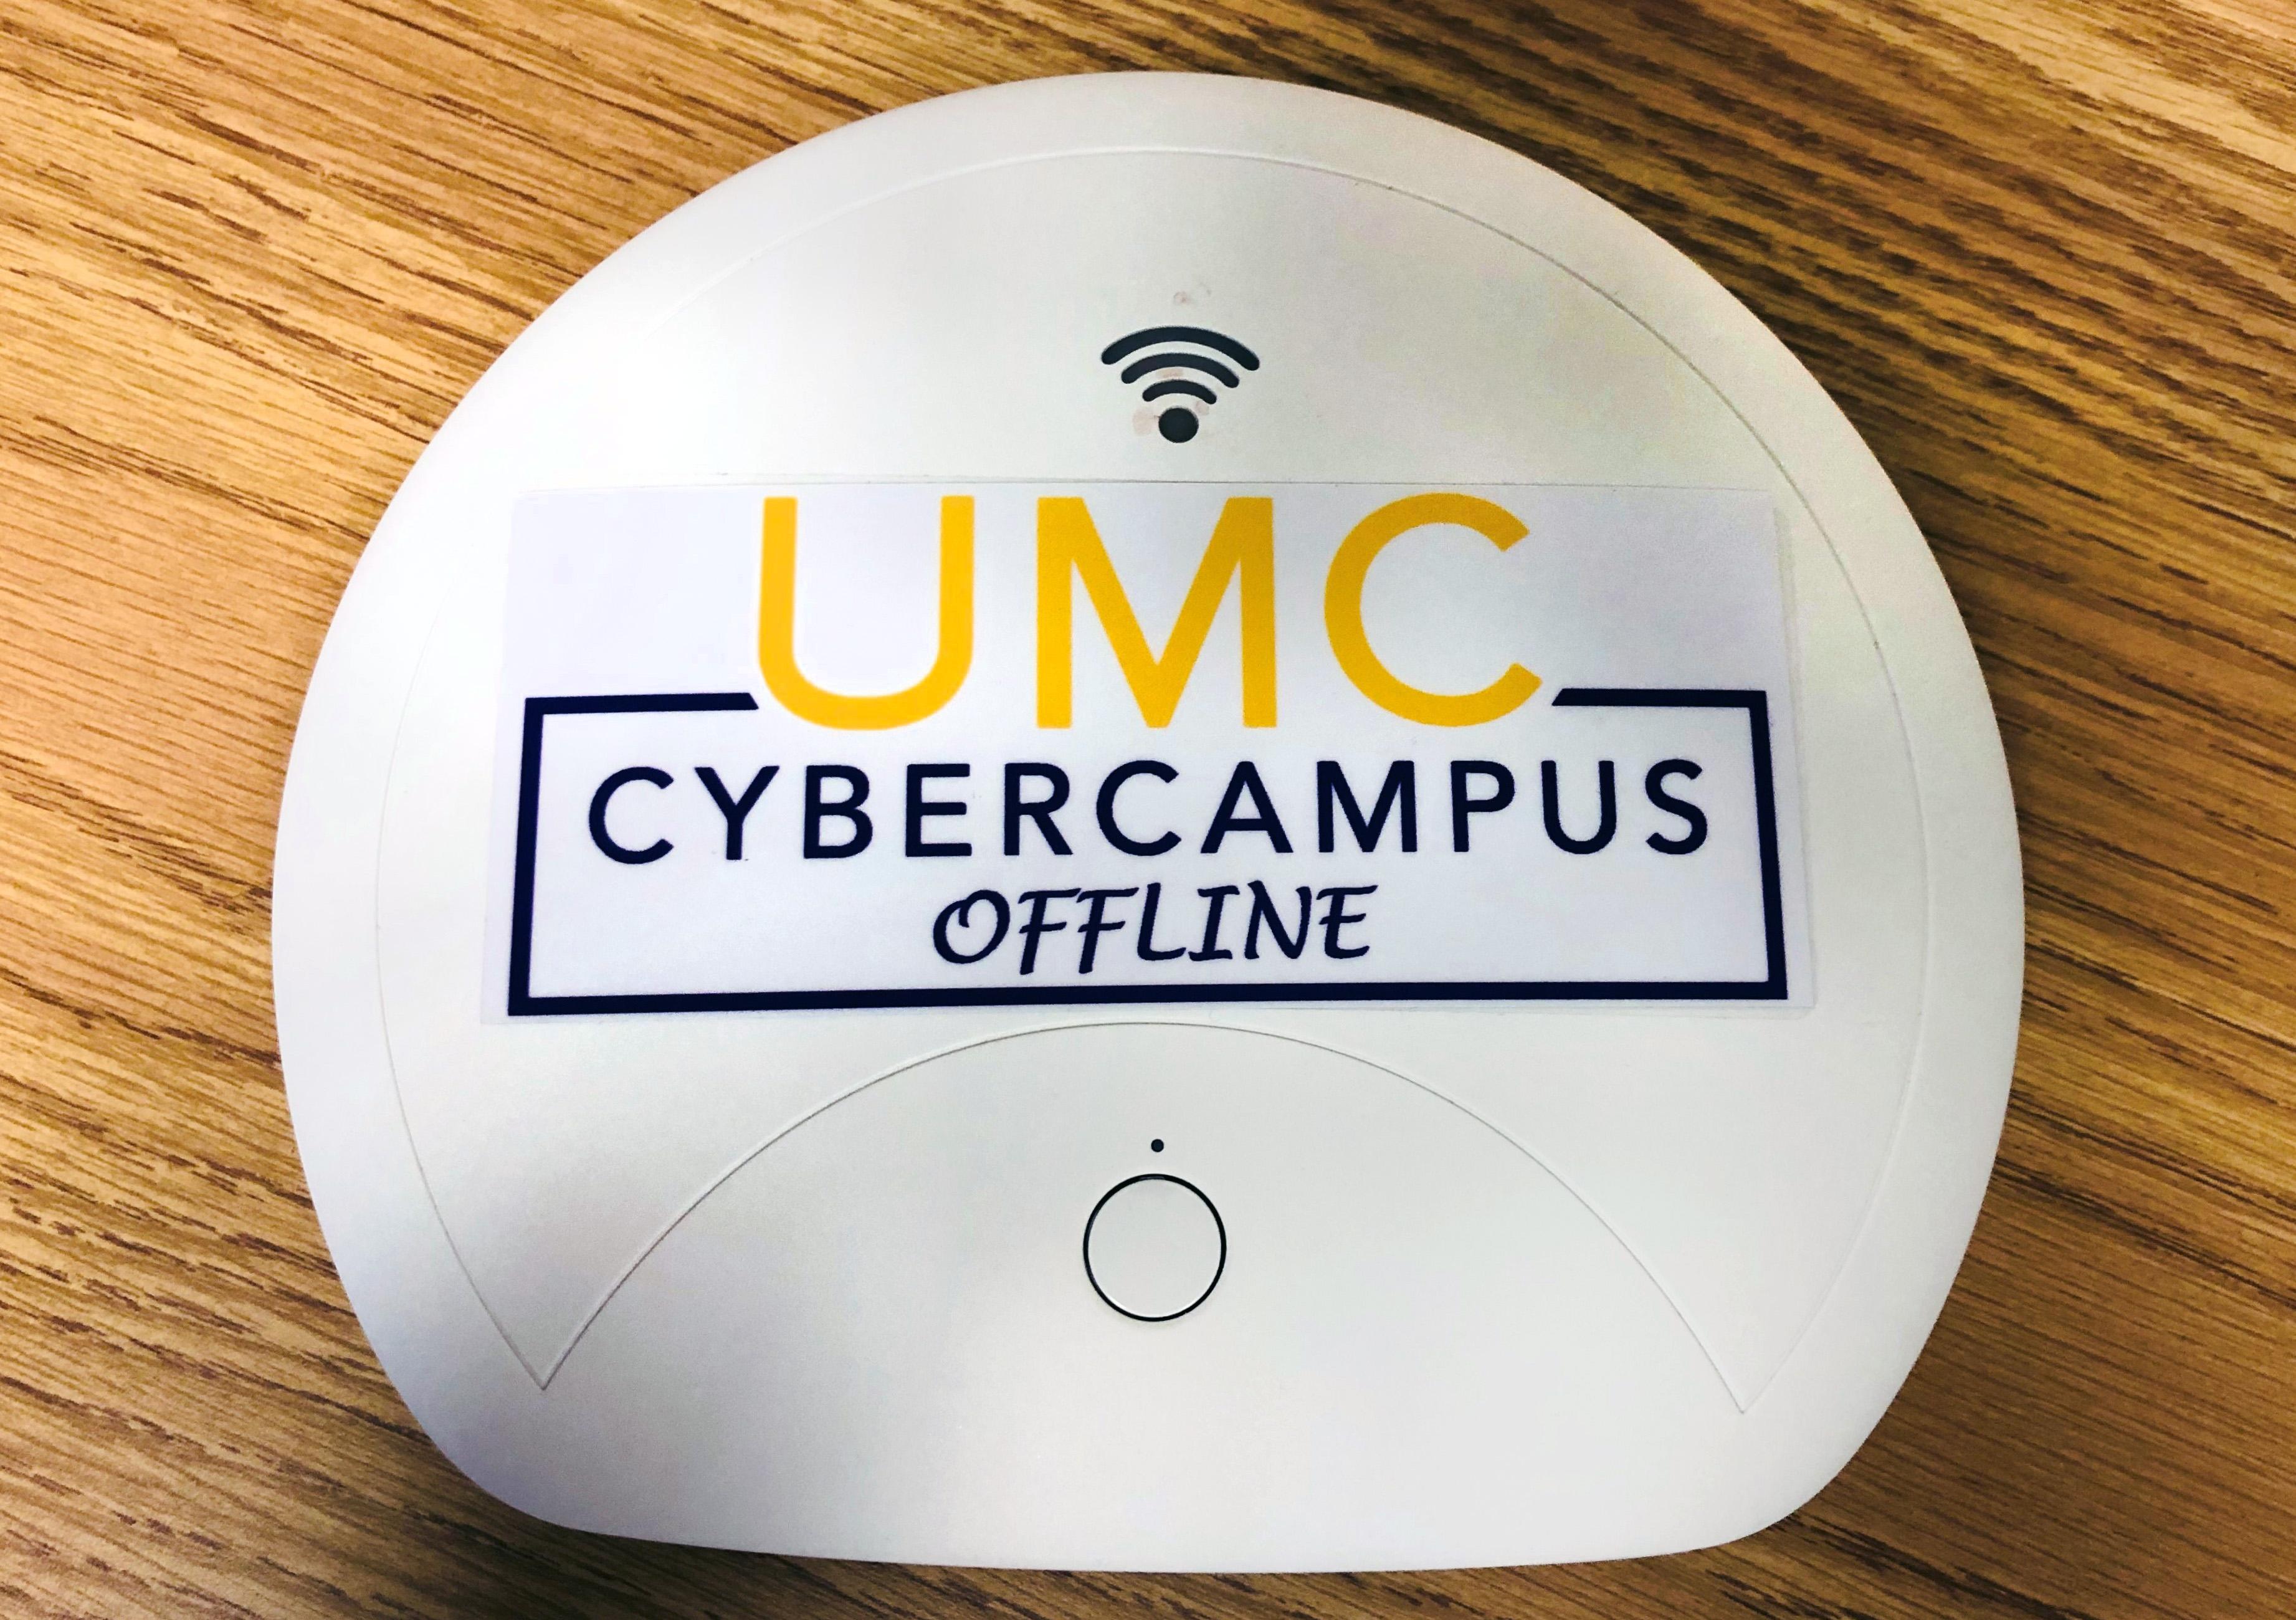 """O dispositivo de ponto de acesso portátil """"UMC Cyber Campus Offline"""" fornece materiais educacionais digitalizados para áreas sem acesso à Internet.Foto do Rev. HiRho Park, Conselho Metodista Unido de Ensino Superior e Ministério."""